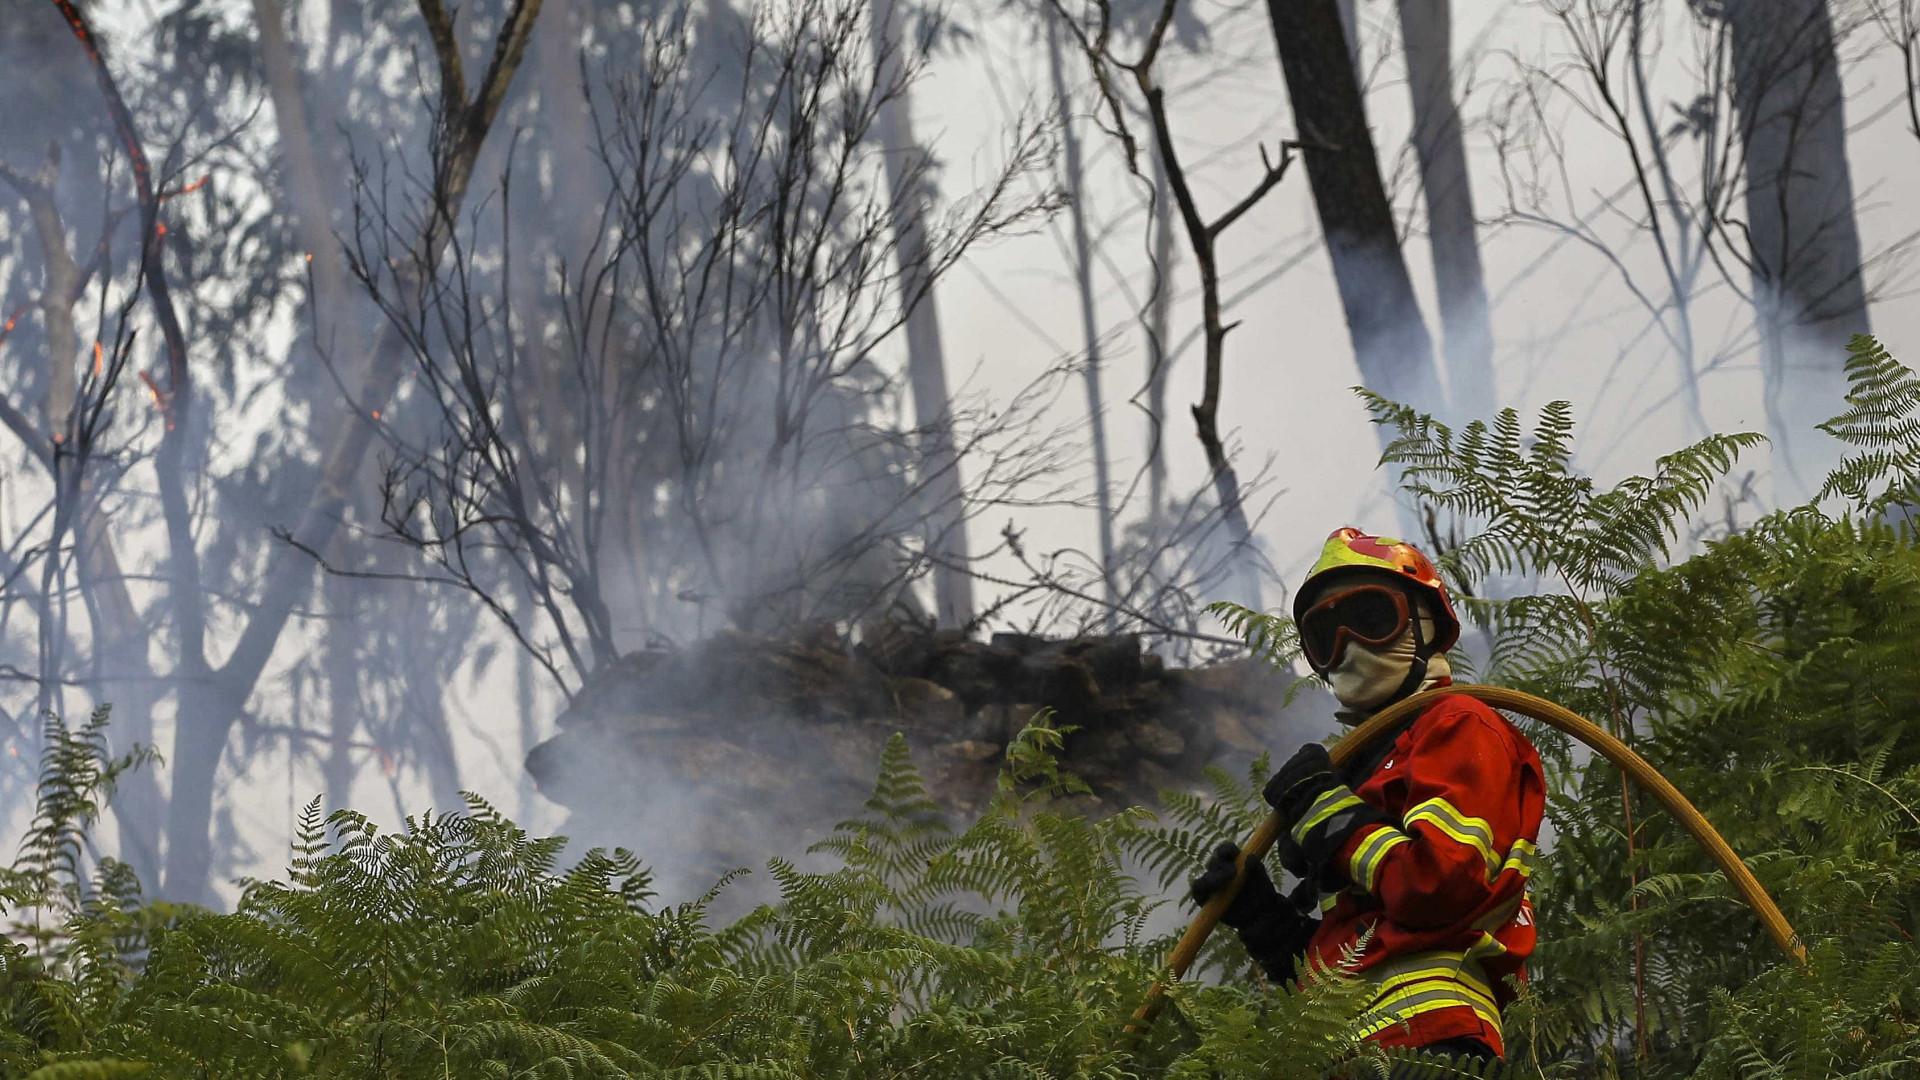 Dominado fogo no parque Peneda Gerês